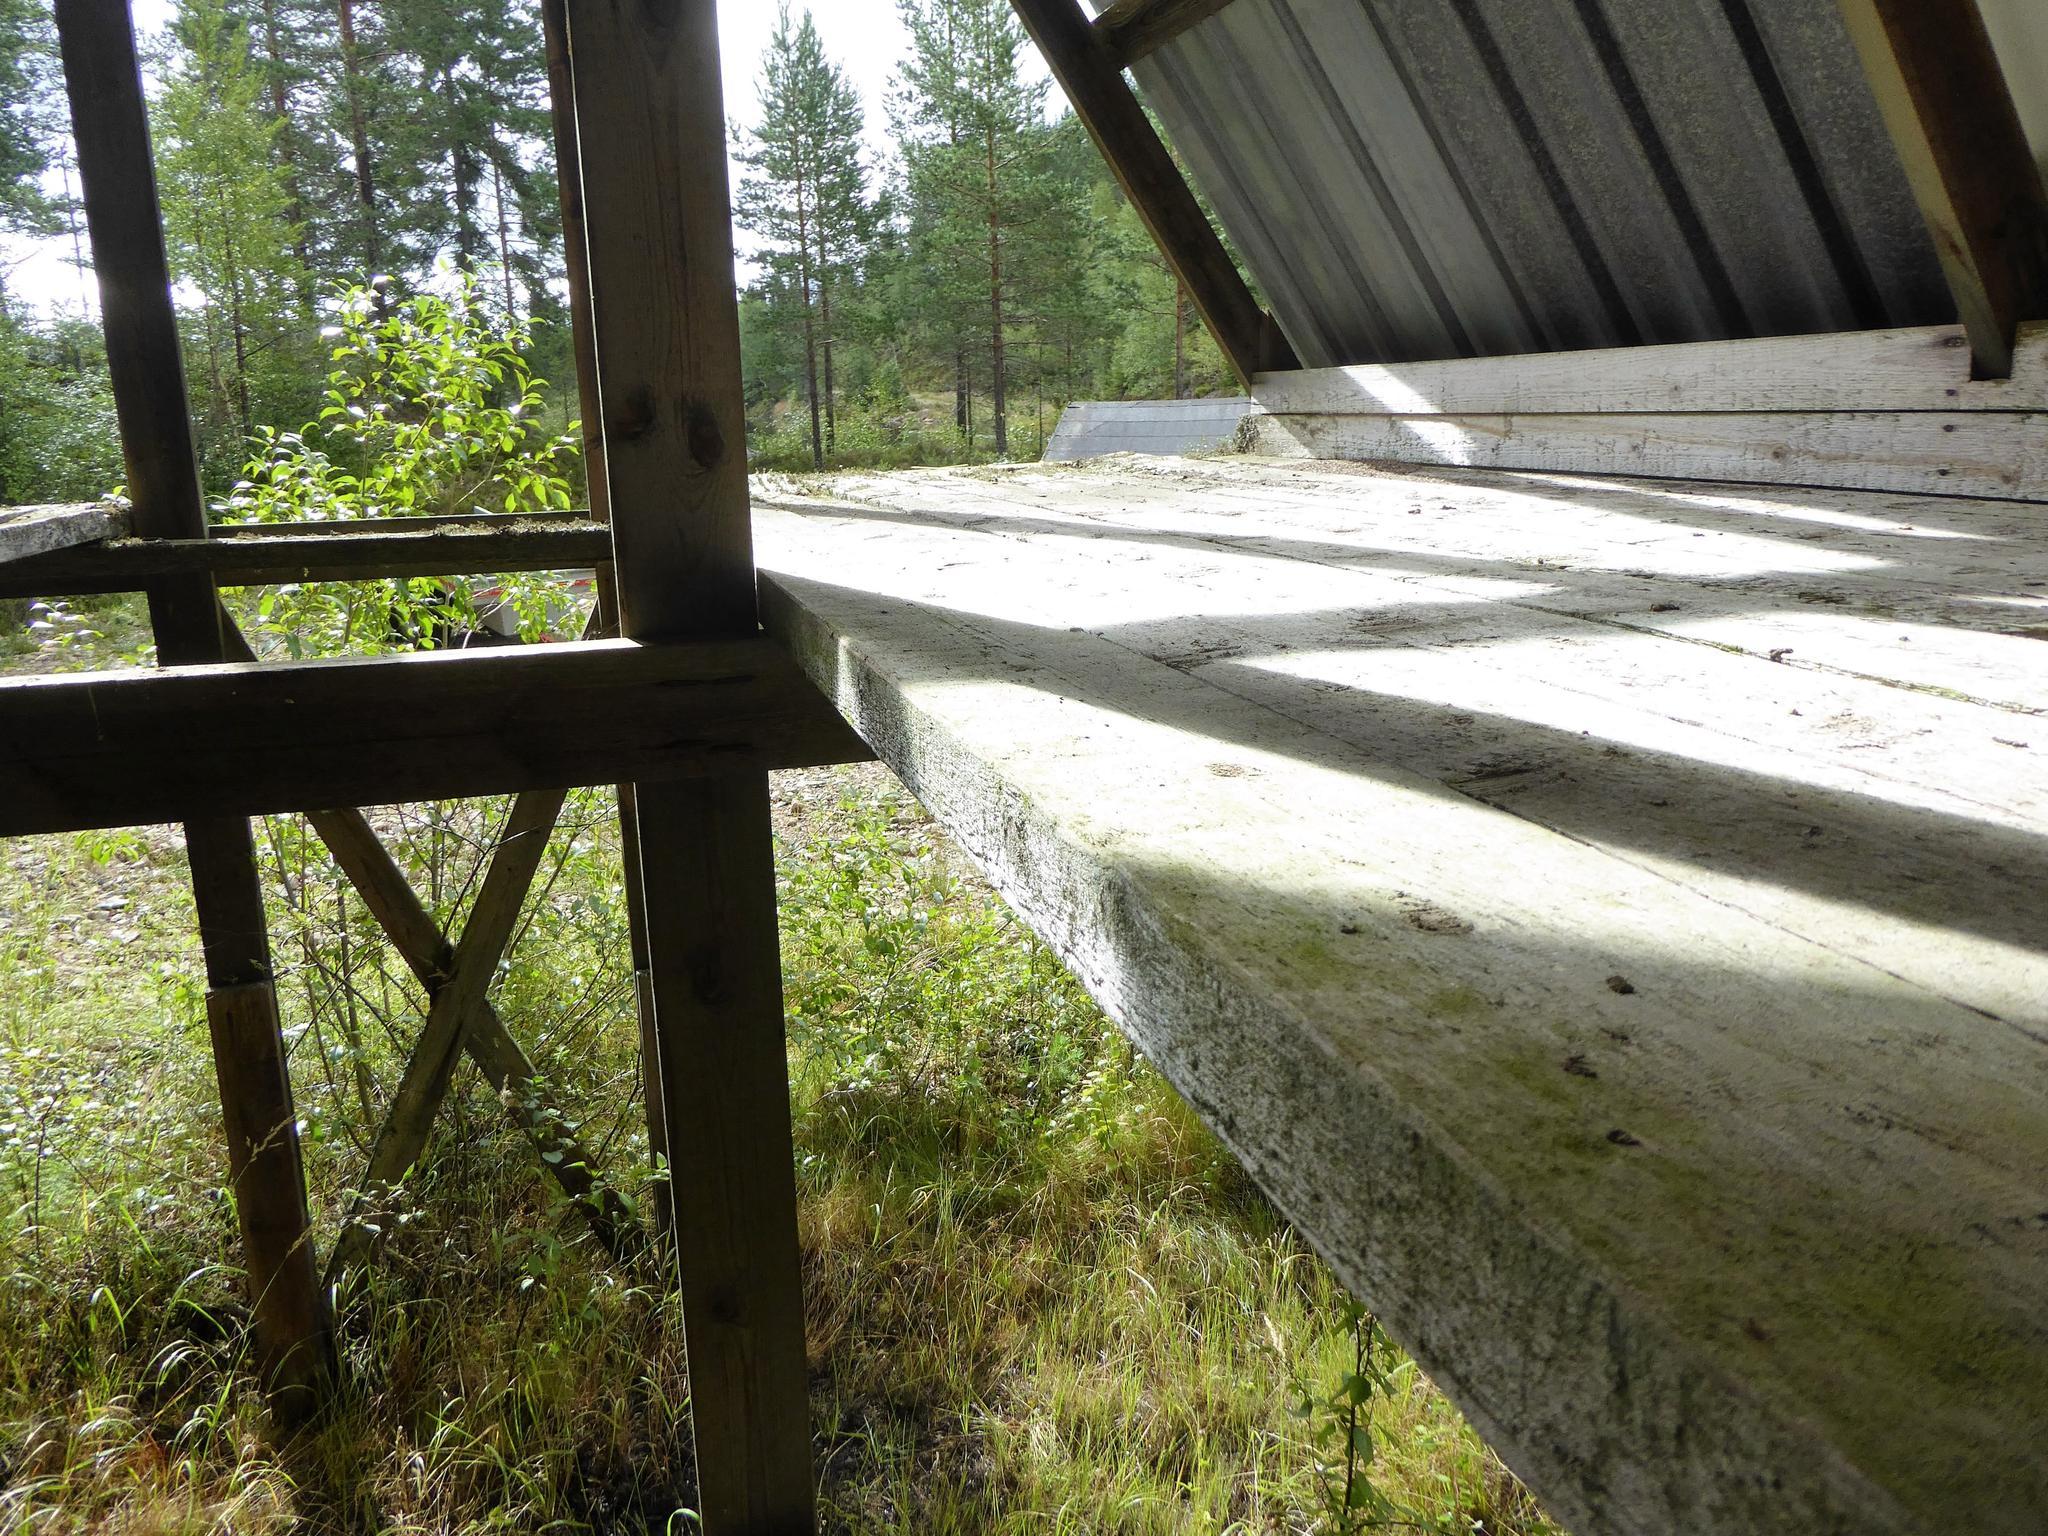 Nio arenor har byggts i ett gammalt trask